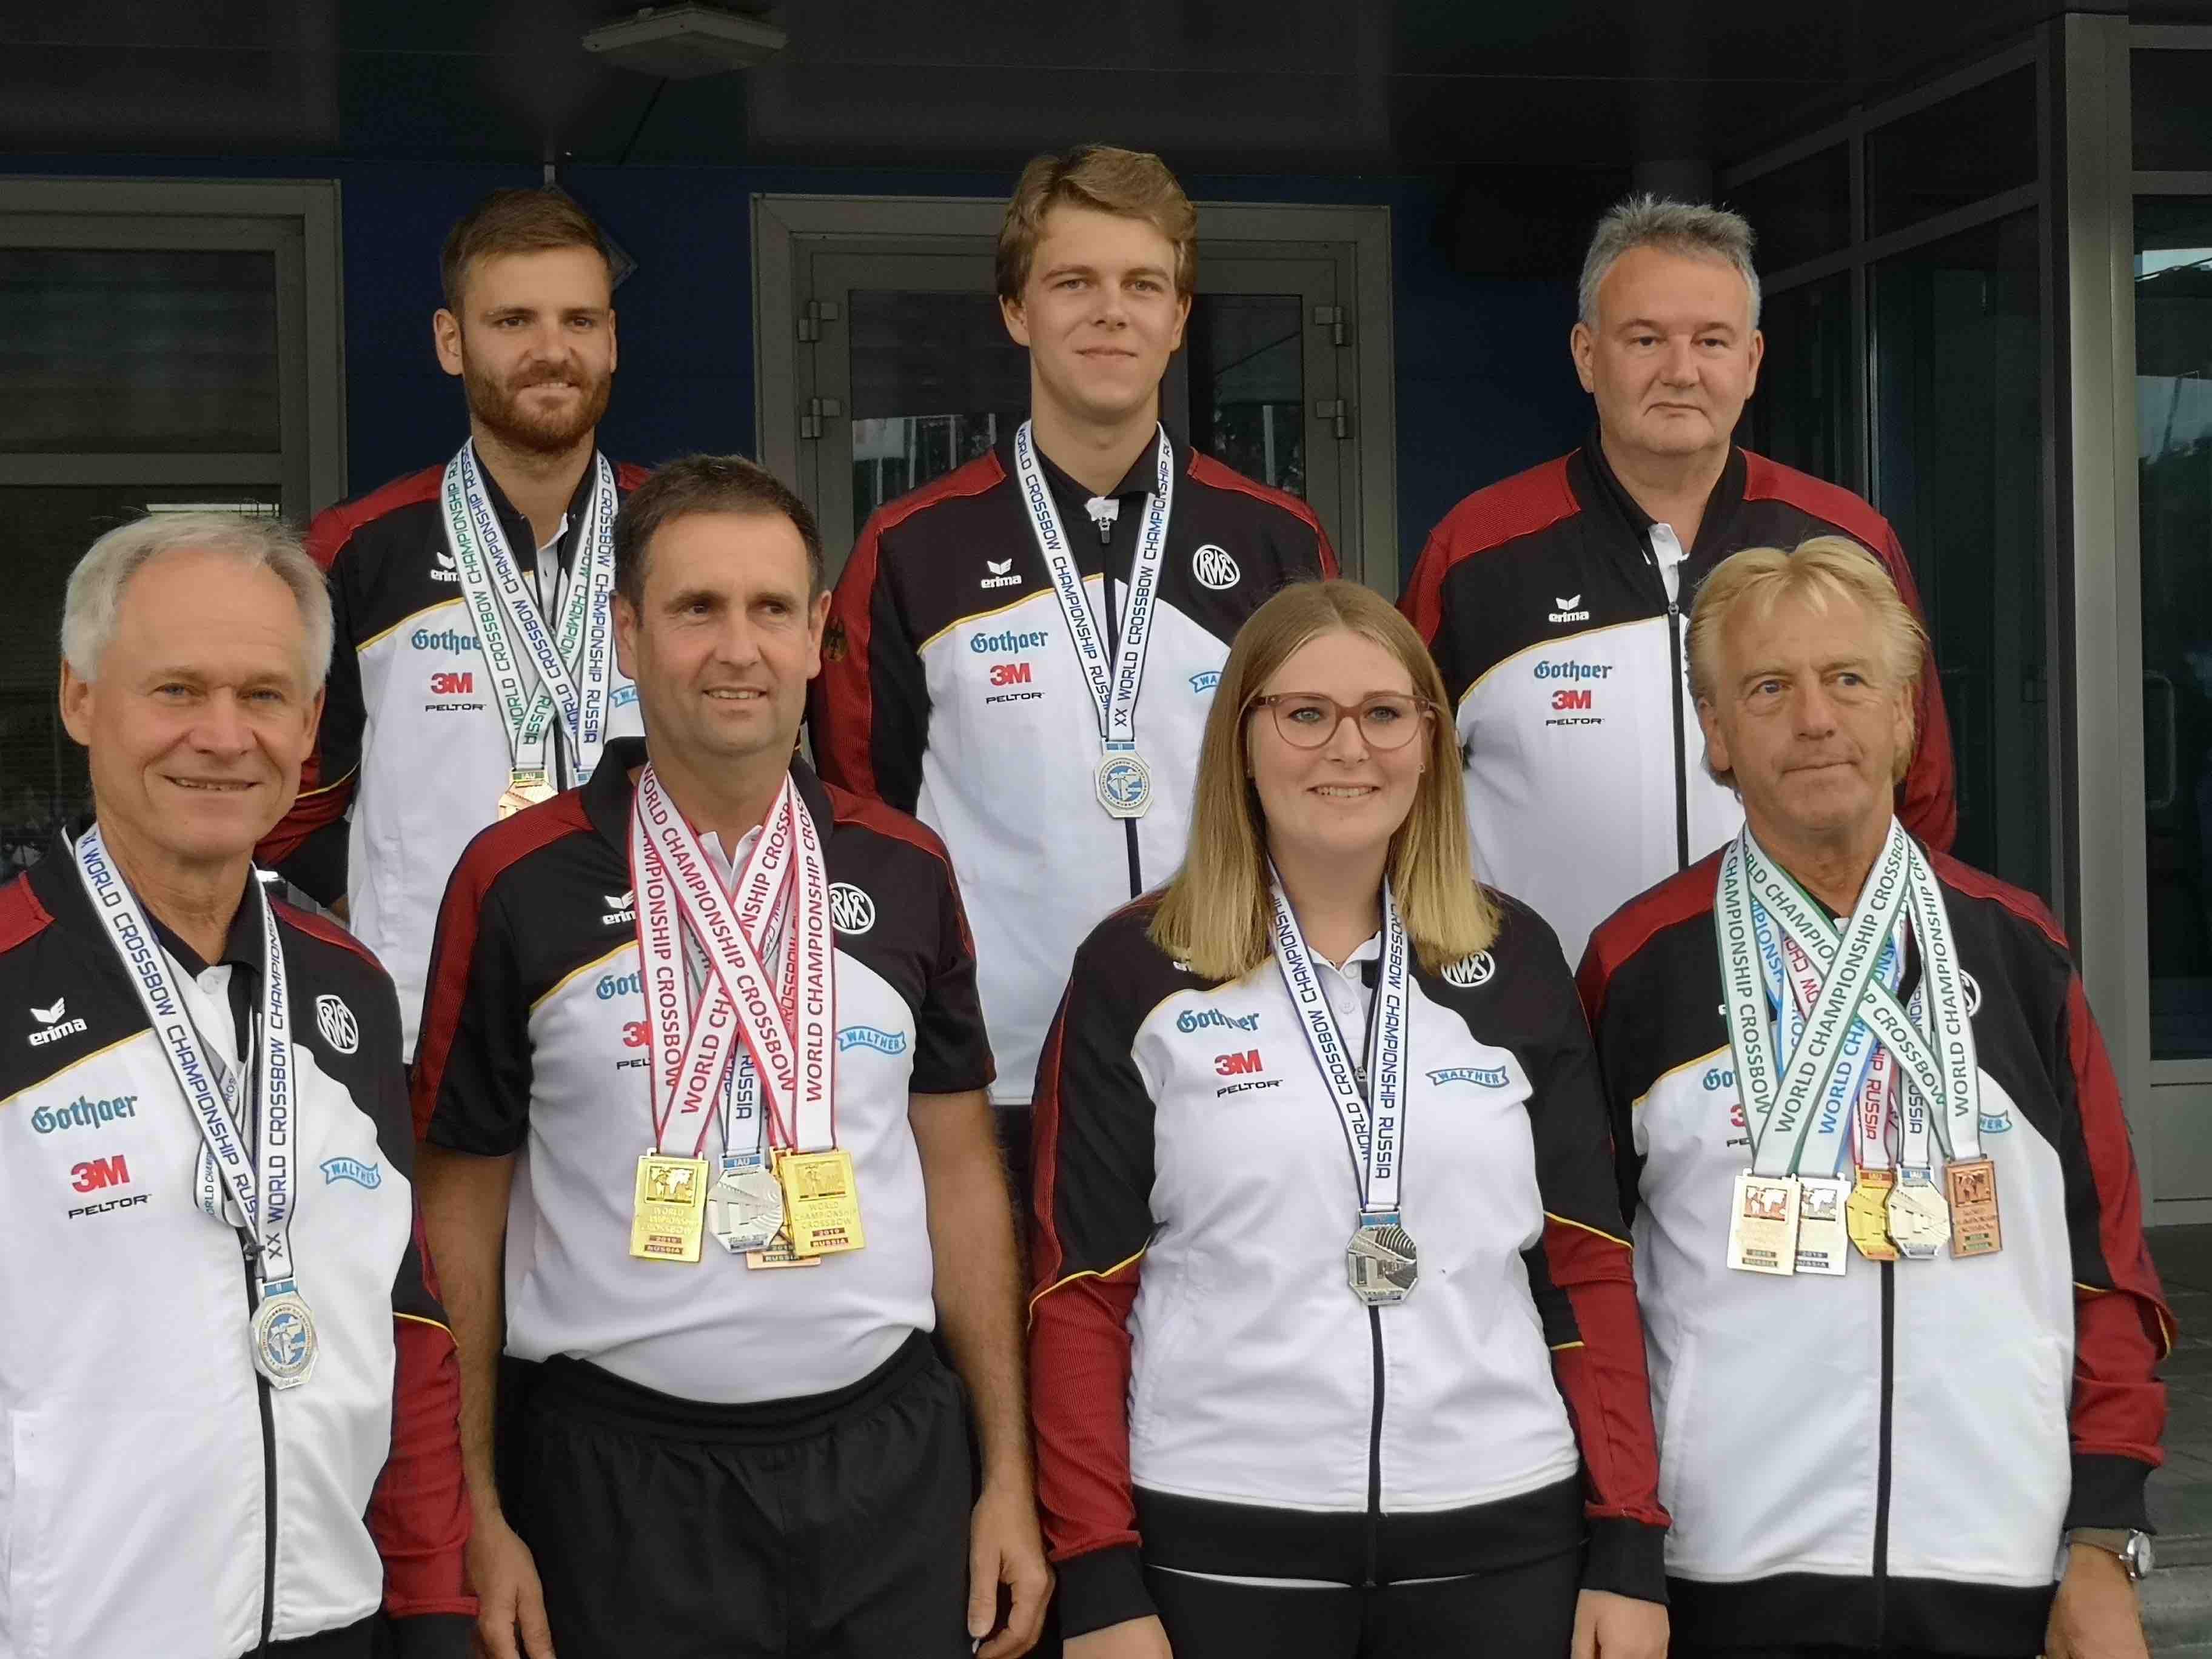 Die württembergischen Armbrustschützen kehren alle mit mindestens einer Medaille zurück von der WM in Russland